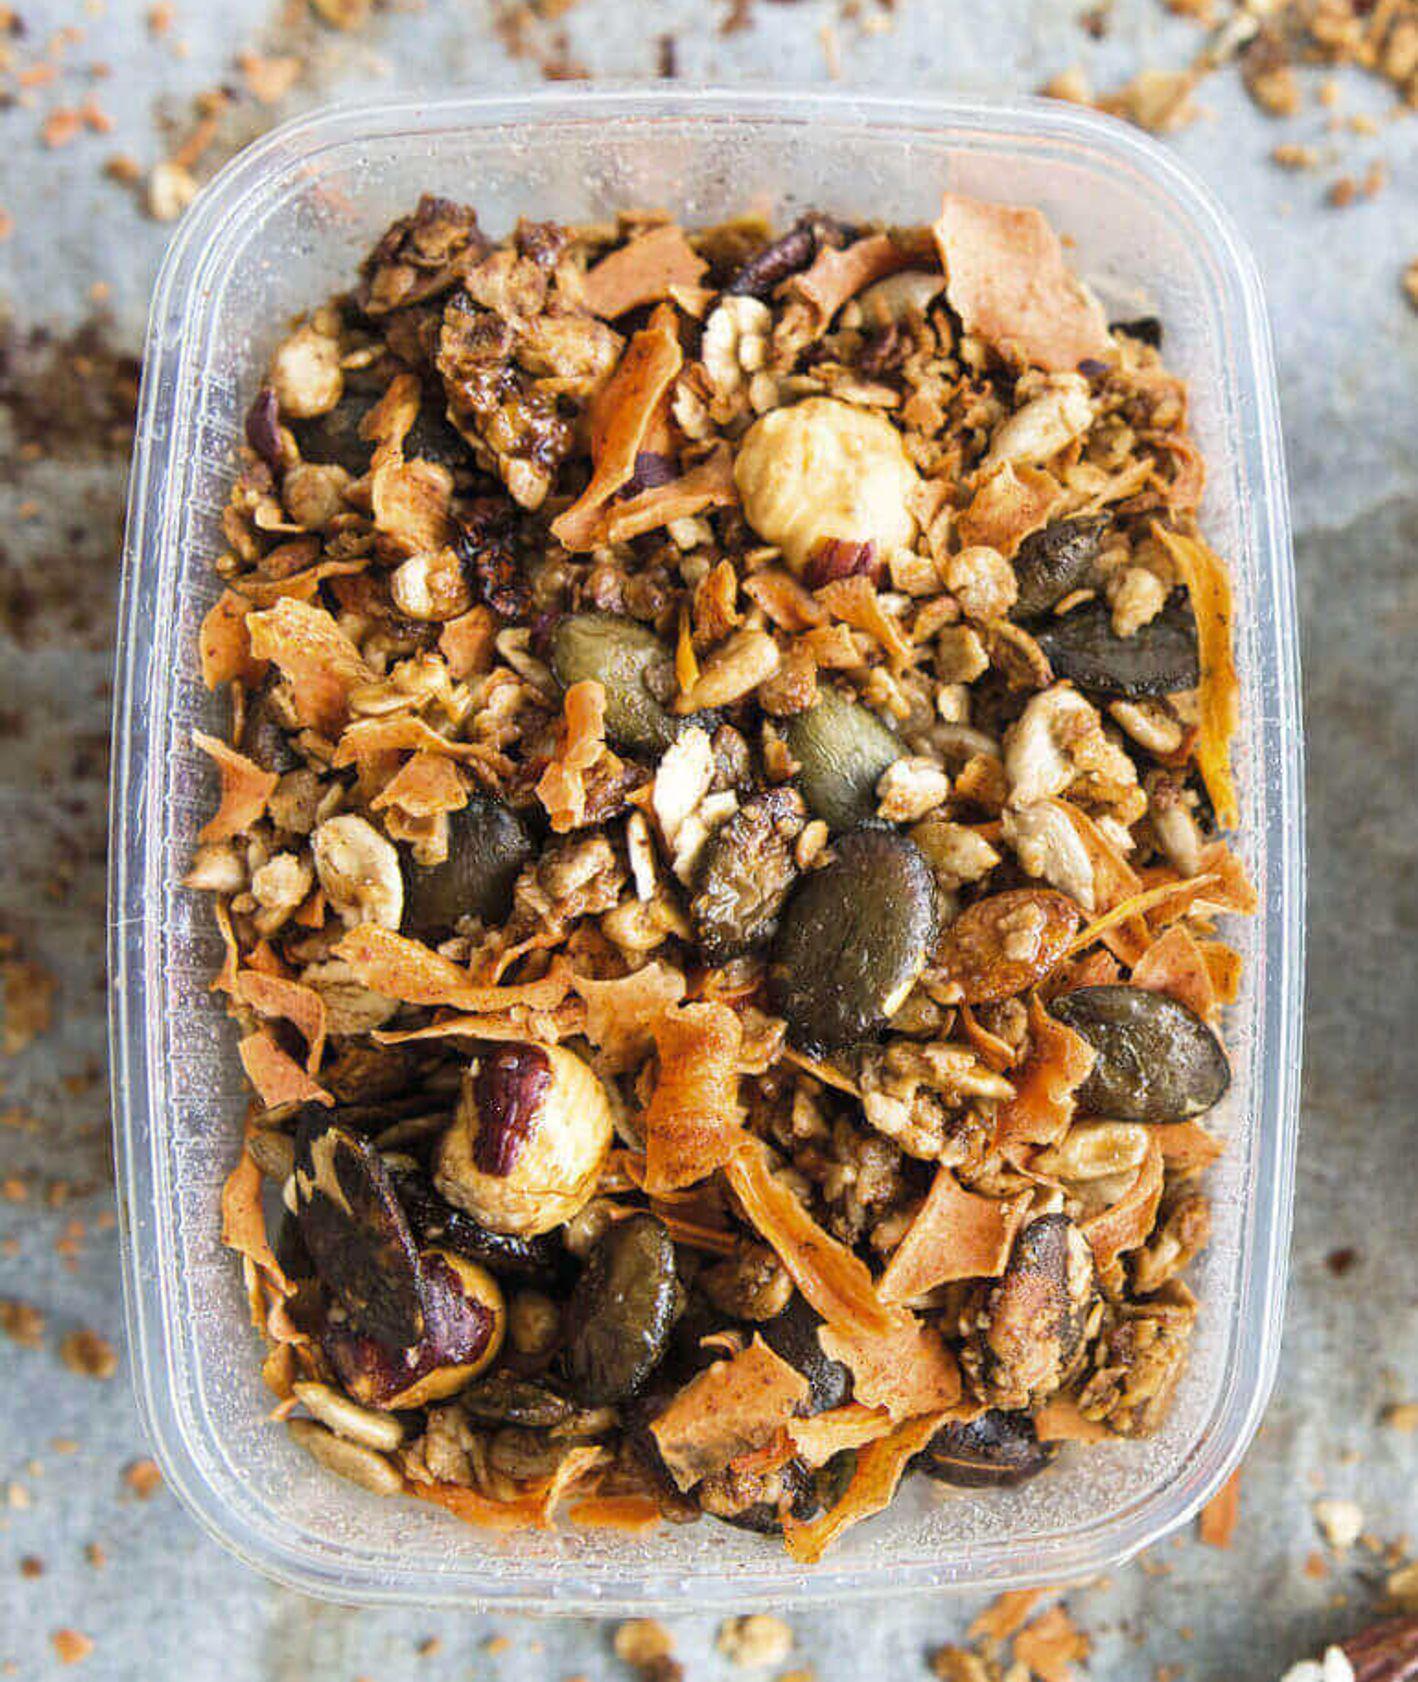 domowa granola marchewkowa, domowa granola, wegańska granola, pomysł na śniadanie, zdrowe śniadanie, wegańskie śniadanie, wegański deser, granola, płatki owsiane